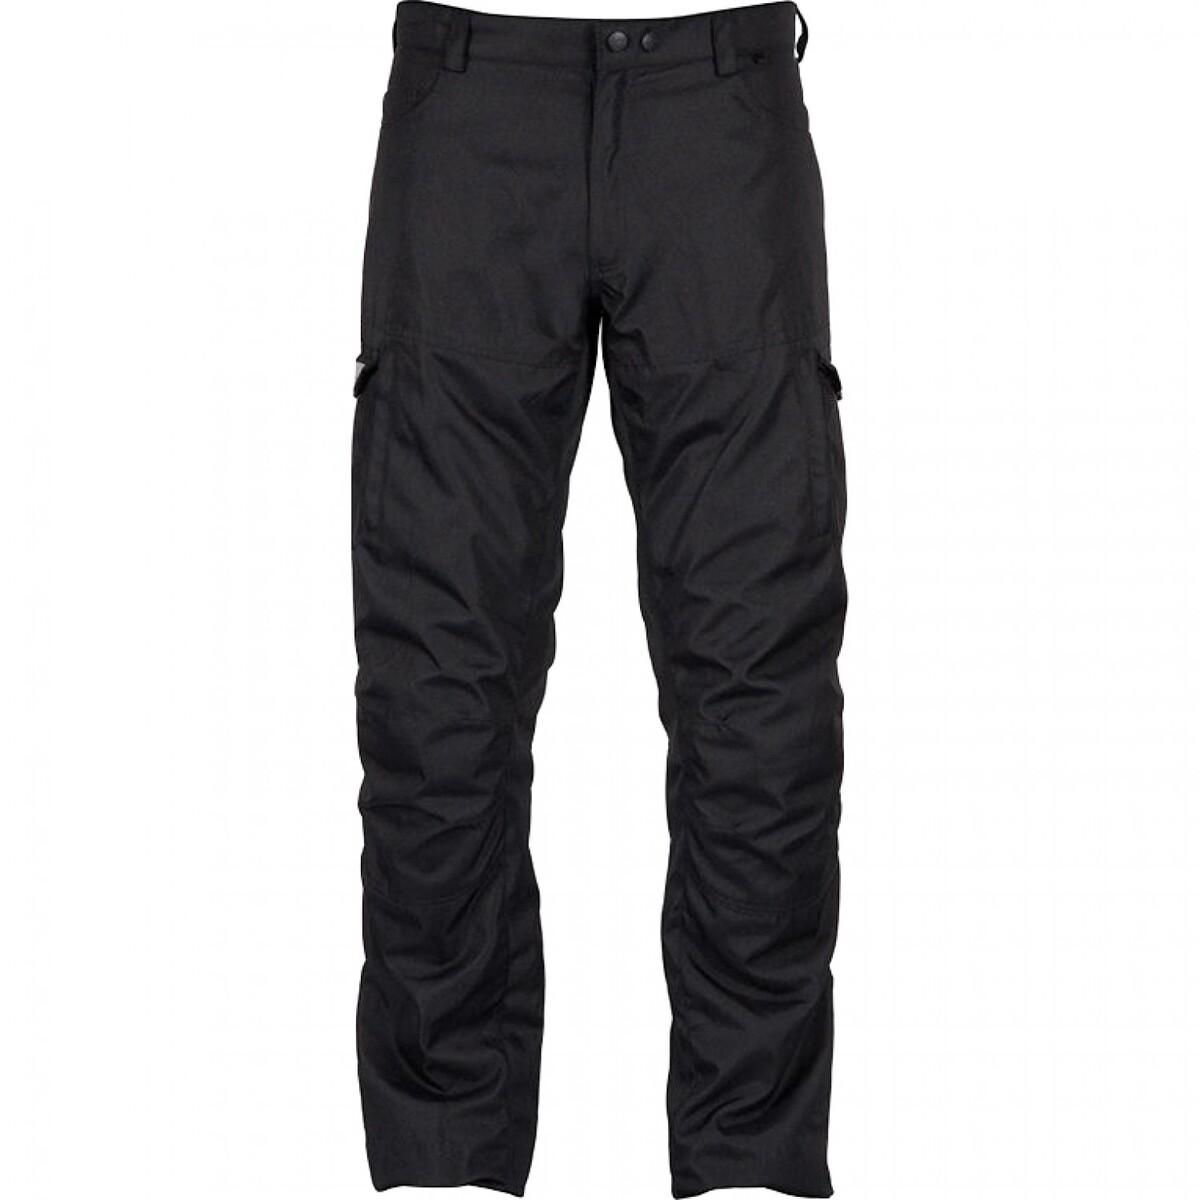 Bild 1 von DXR Relax Textilhose schwarz Herren Größe 5XL